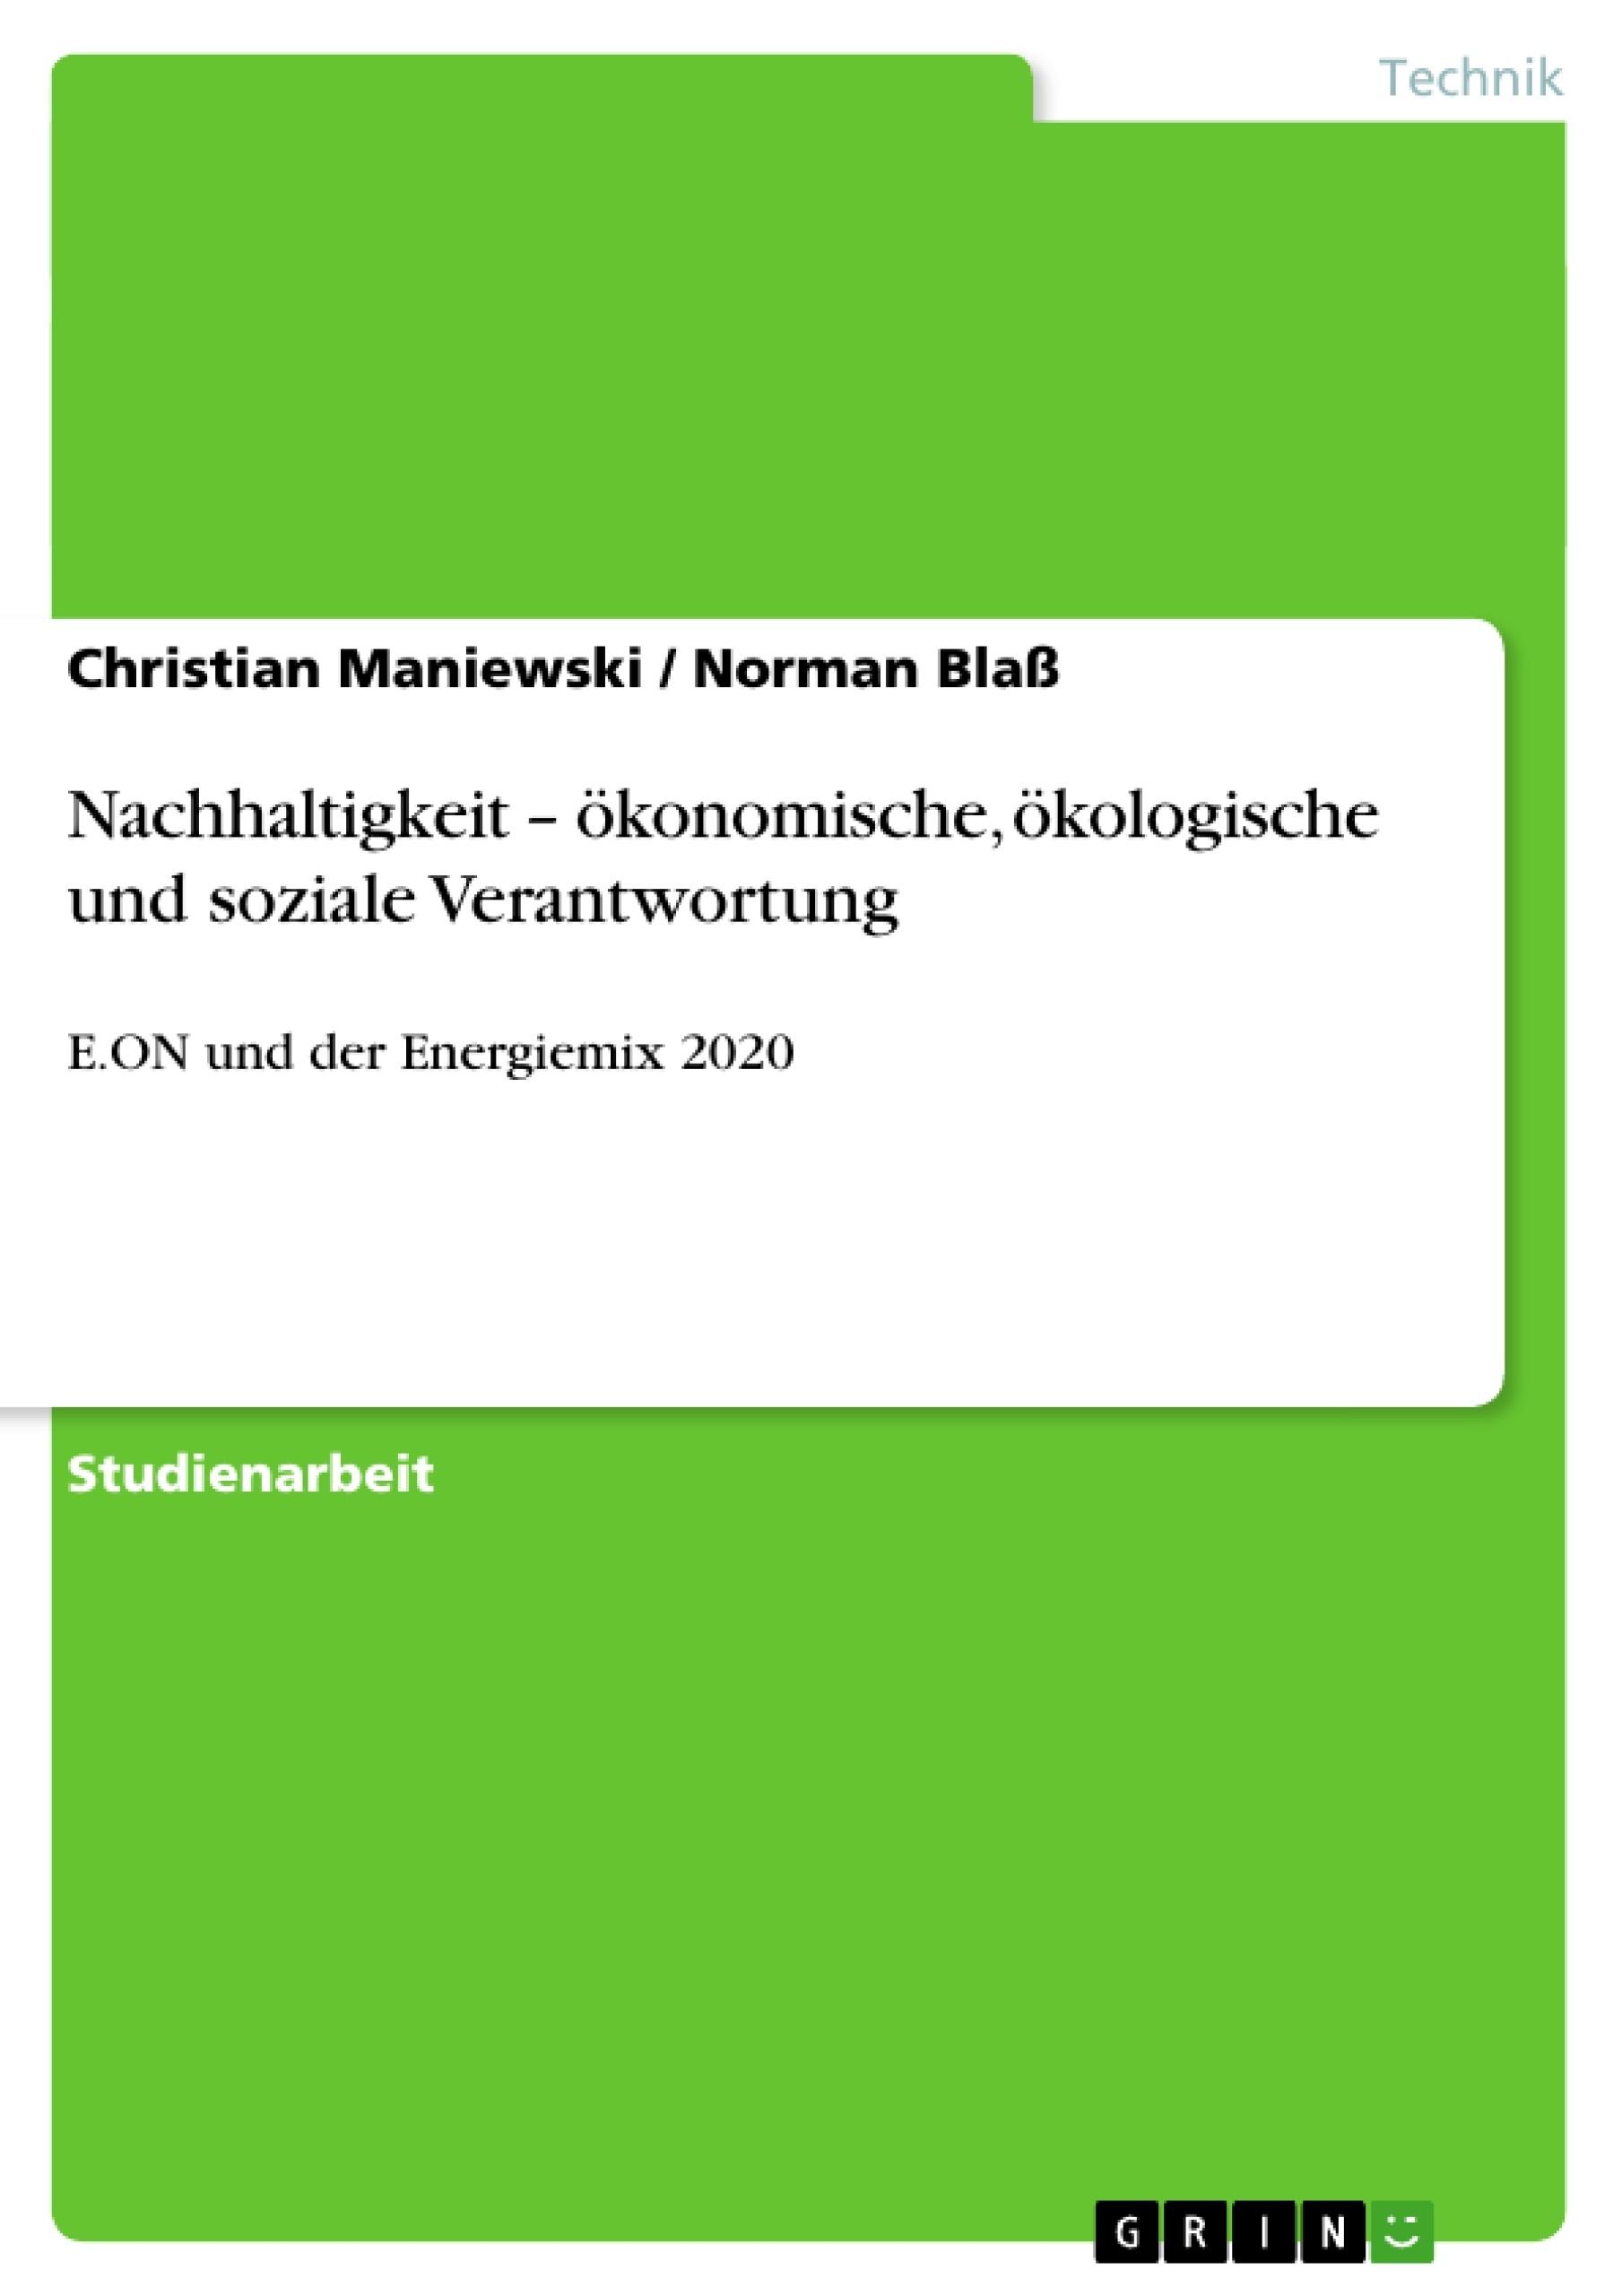 Titel: Nachhaltigkeit – ökonomische, ökologische und soziale Verantwortung